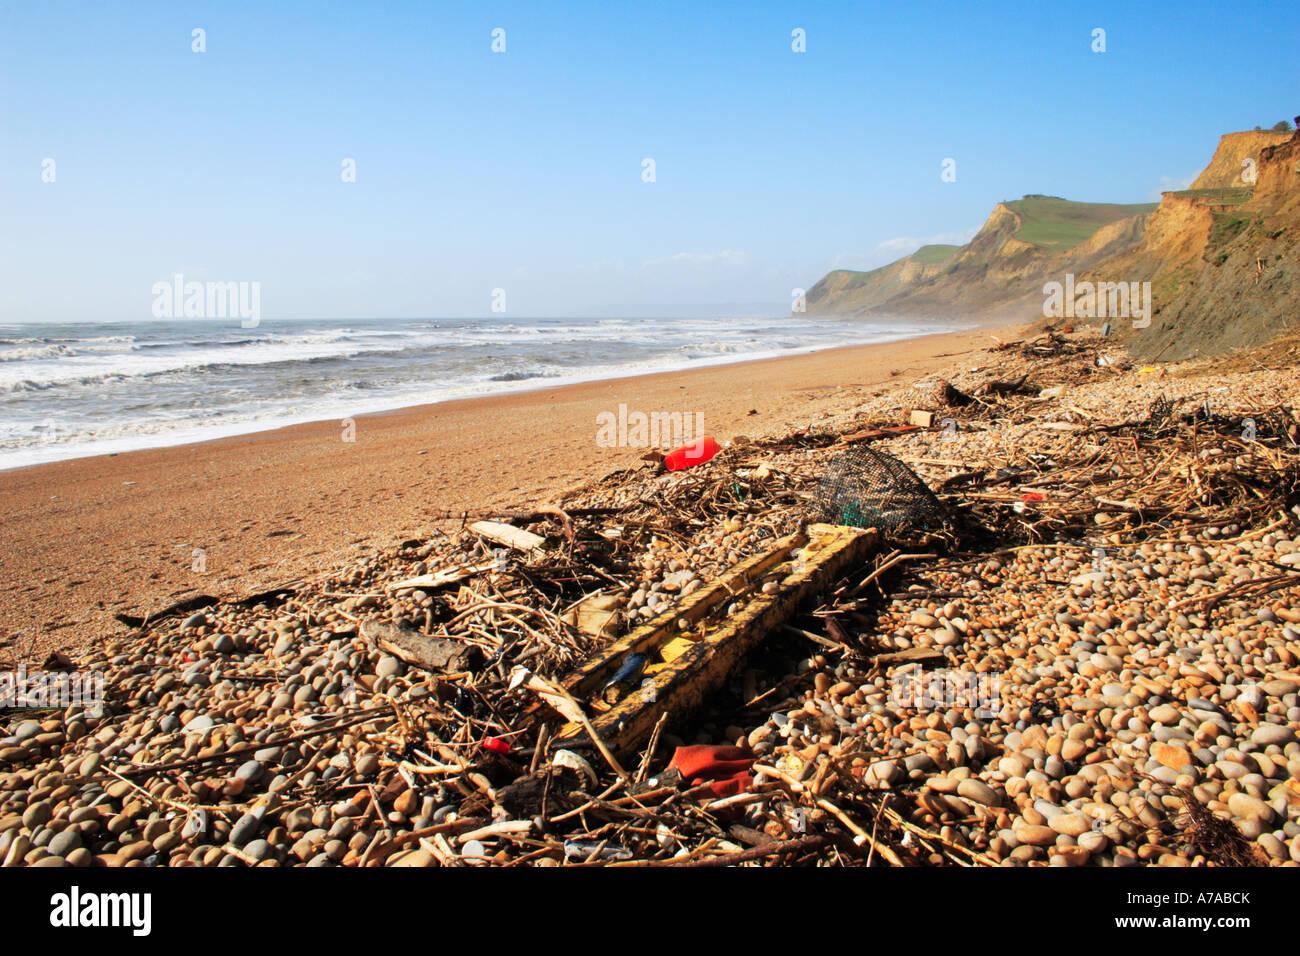 Flotsam and Jetsam on Eype beach, Dorset, England. - Stock Image